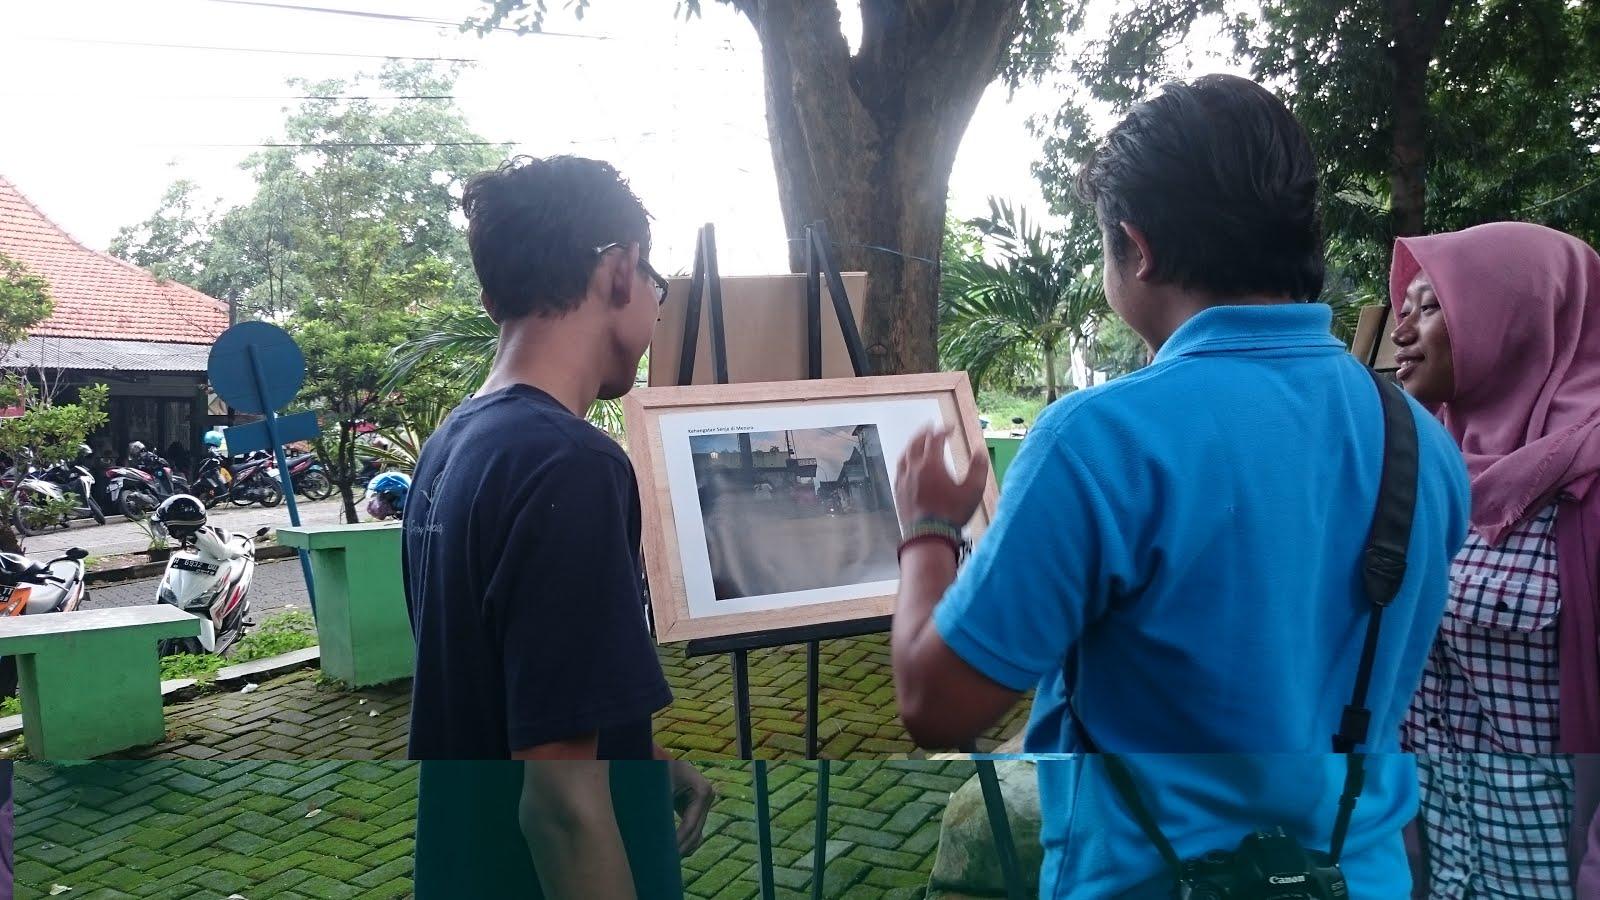 Potret Buram Pasar Tradisional dalam Pameran Foto Copy Lens